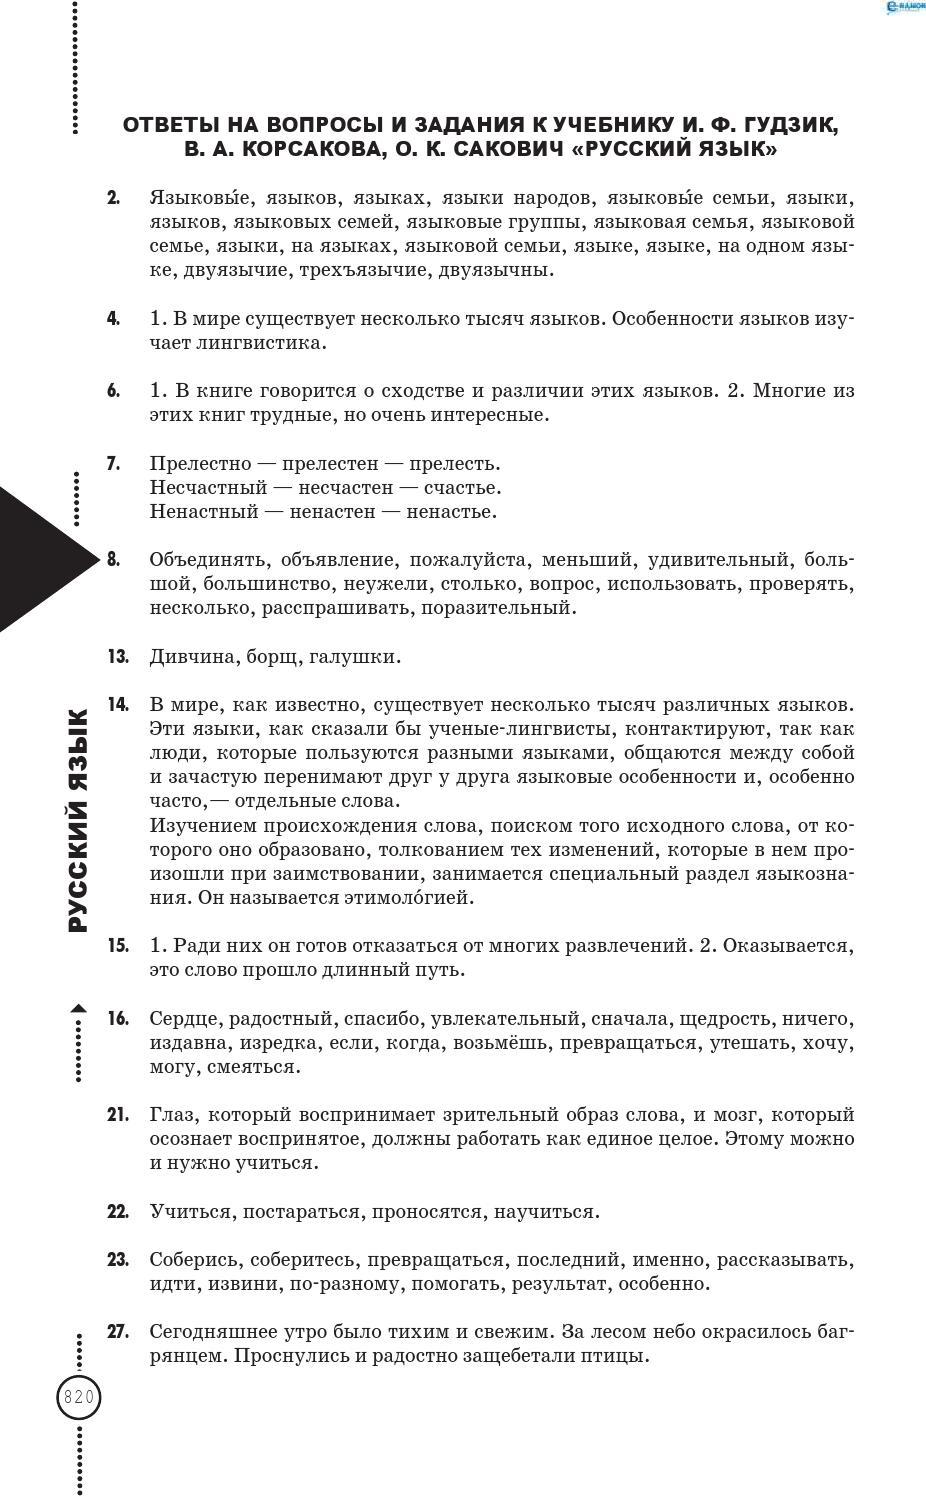 російська мова 8 клас гдз гудзик корсаков сакович